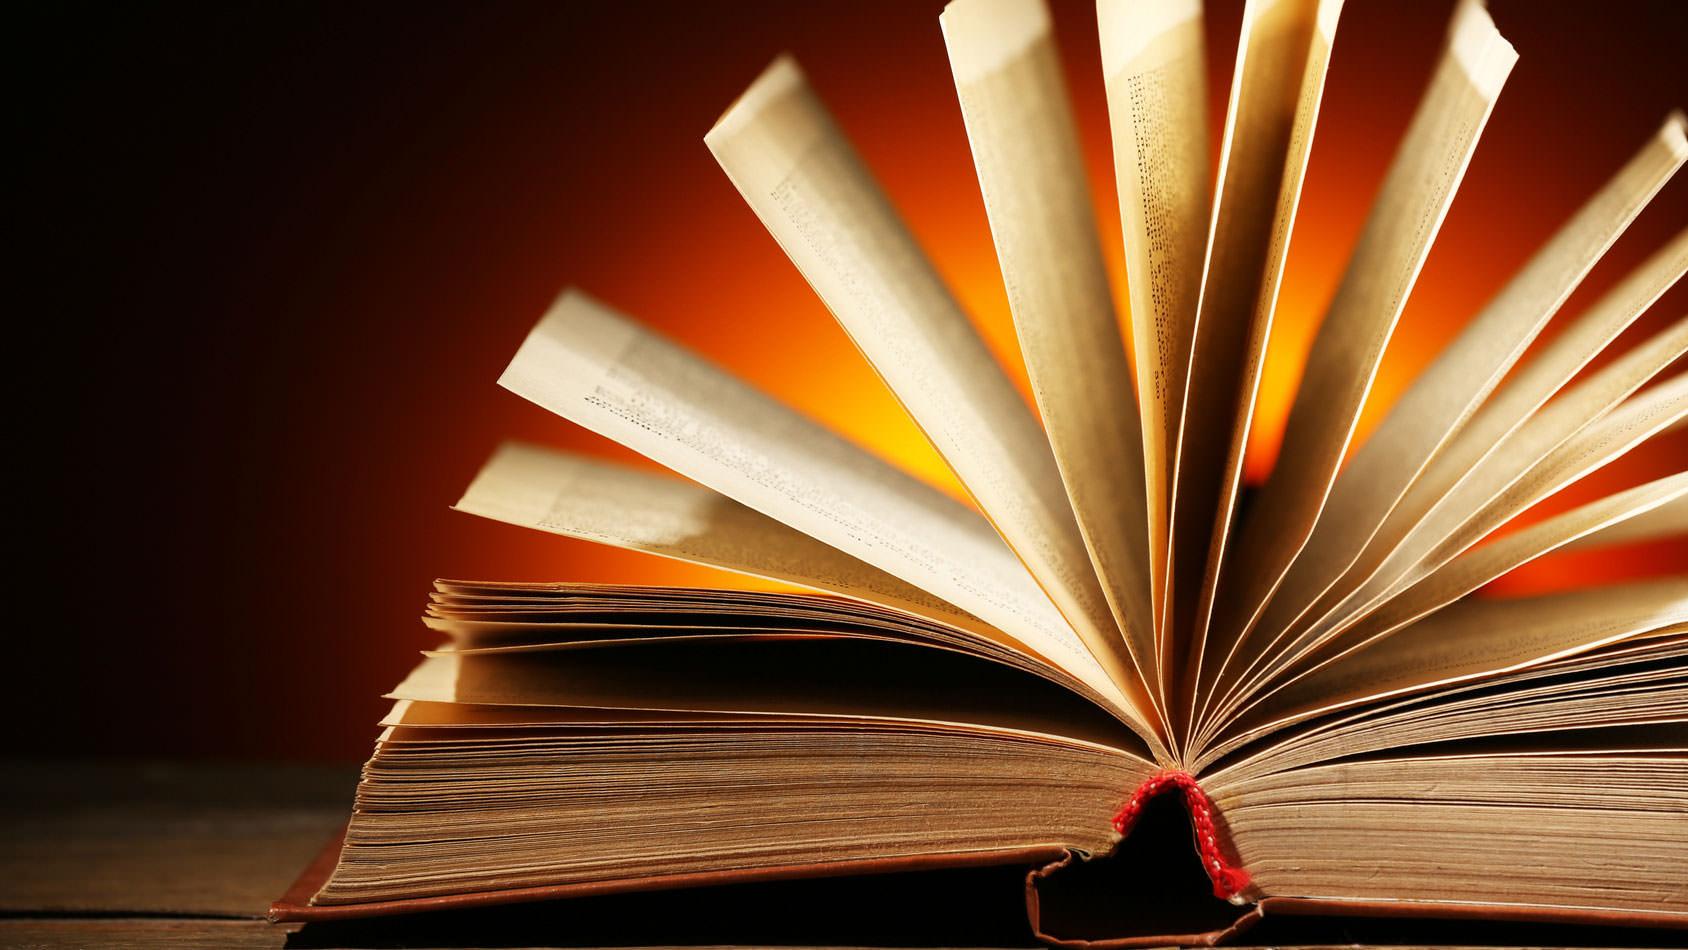 Bachelorarbeit Schreiben Hilfe Tipps Zum Aufbau